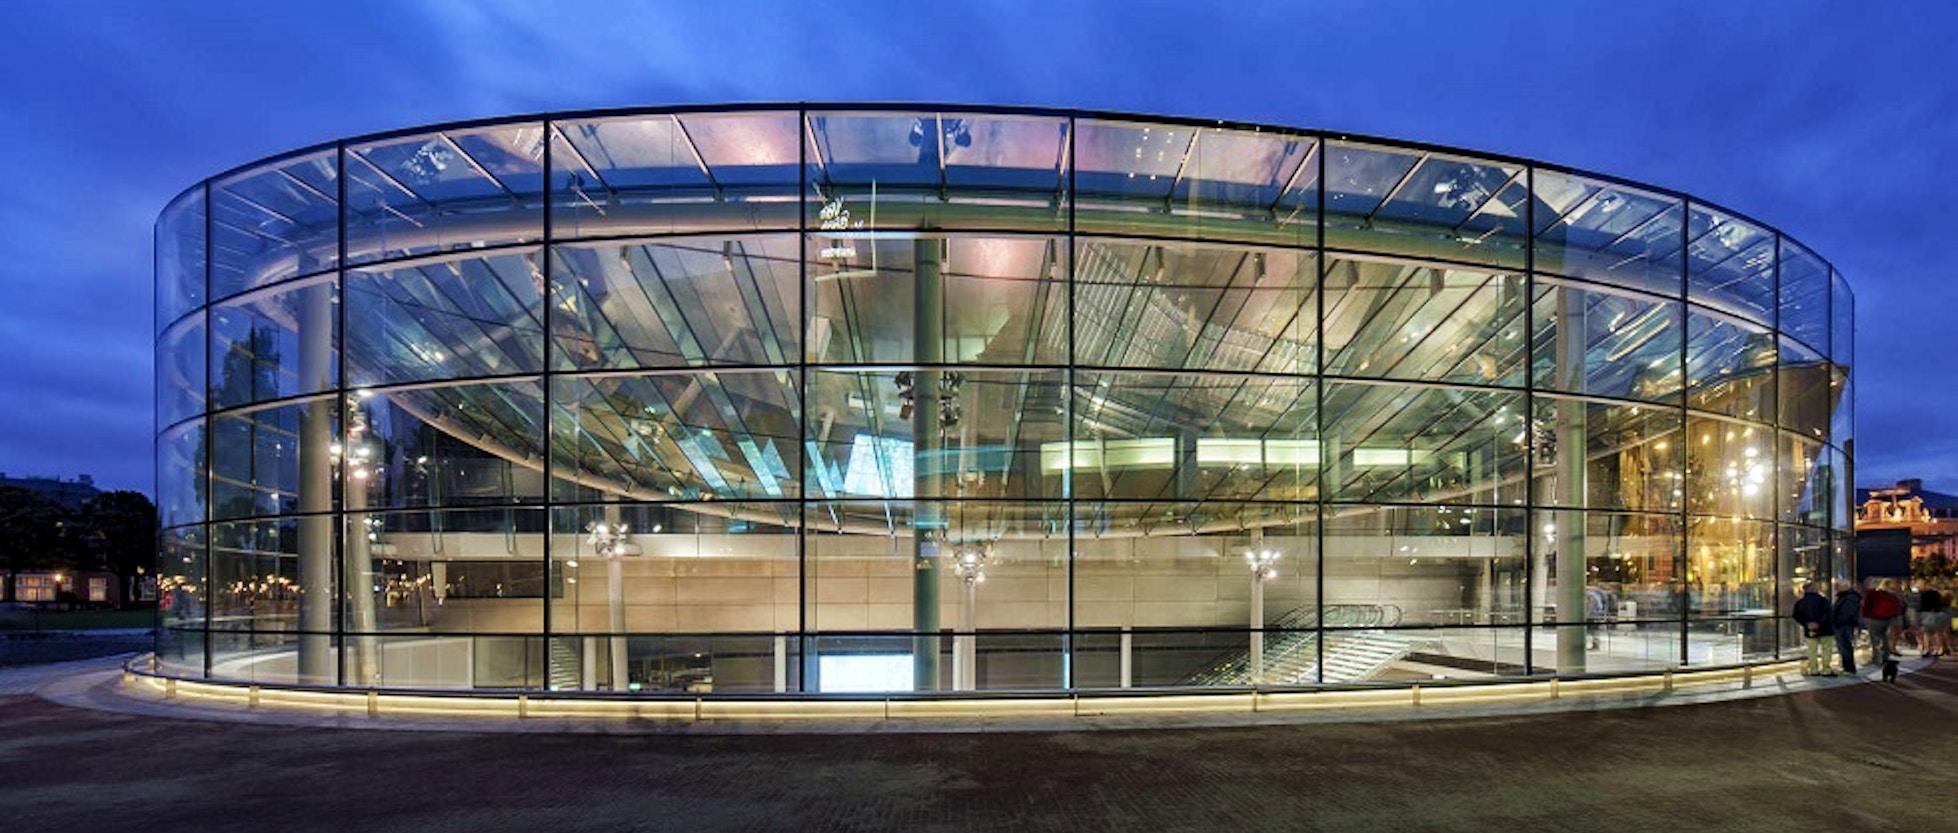 Inaugurato nuovo ingresso del van gogh museum for B b ad amsterdam centro